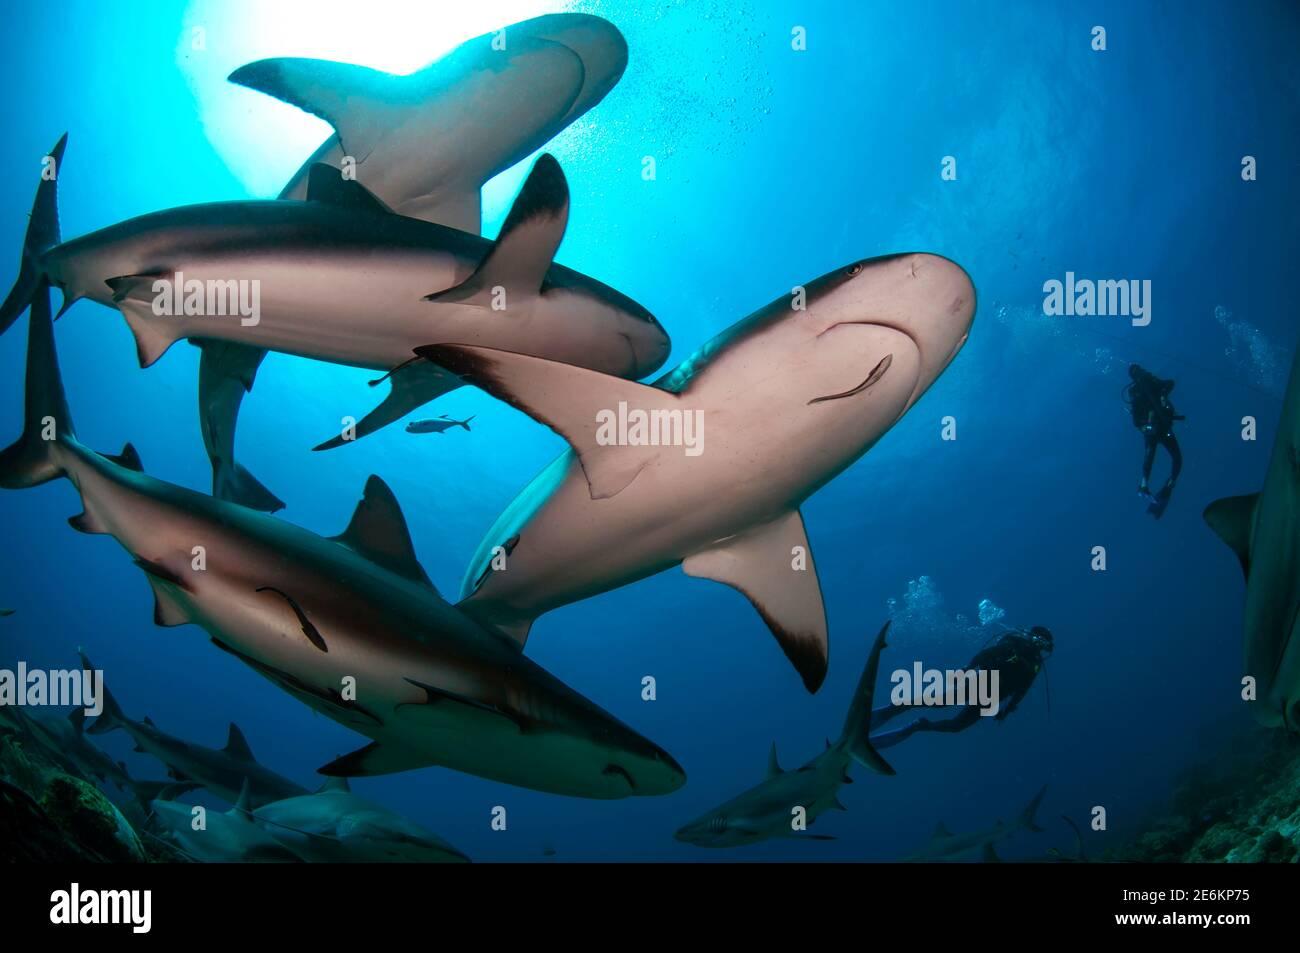 Buceadores nadando con una gran escuela de tiburón arrecife caribeño (Carcharhinus perezi) en el Mar Caribe. Foto de stock